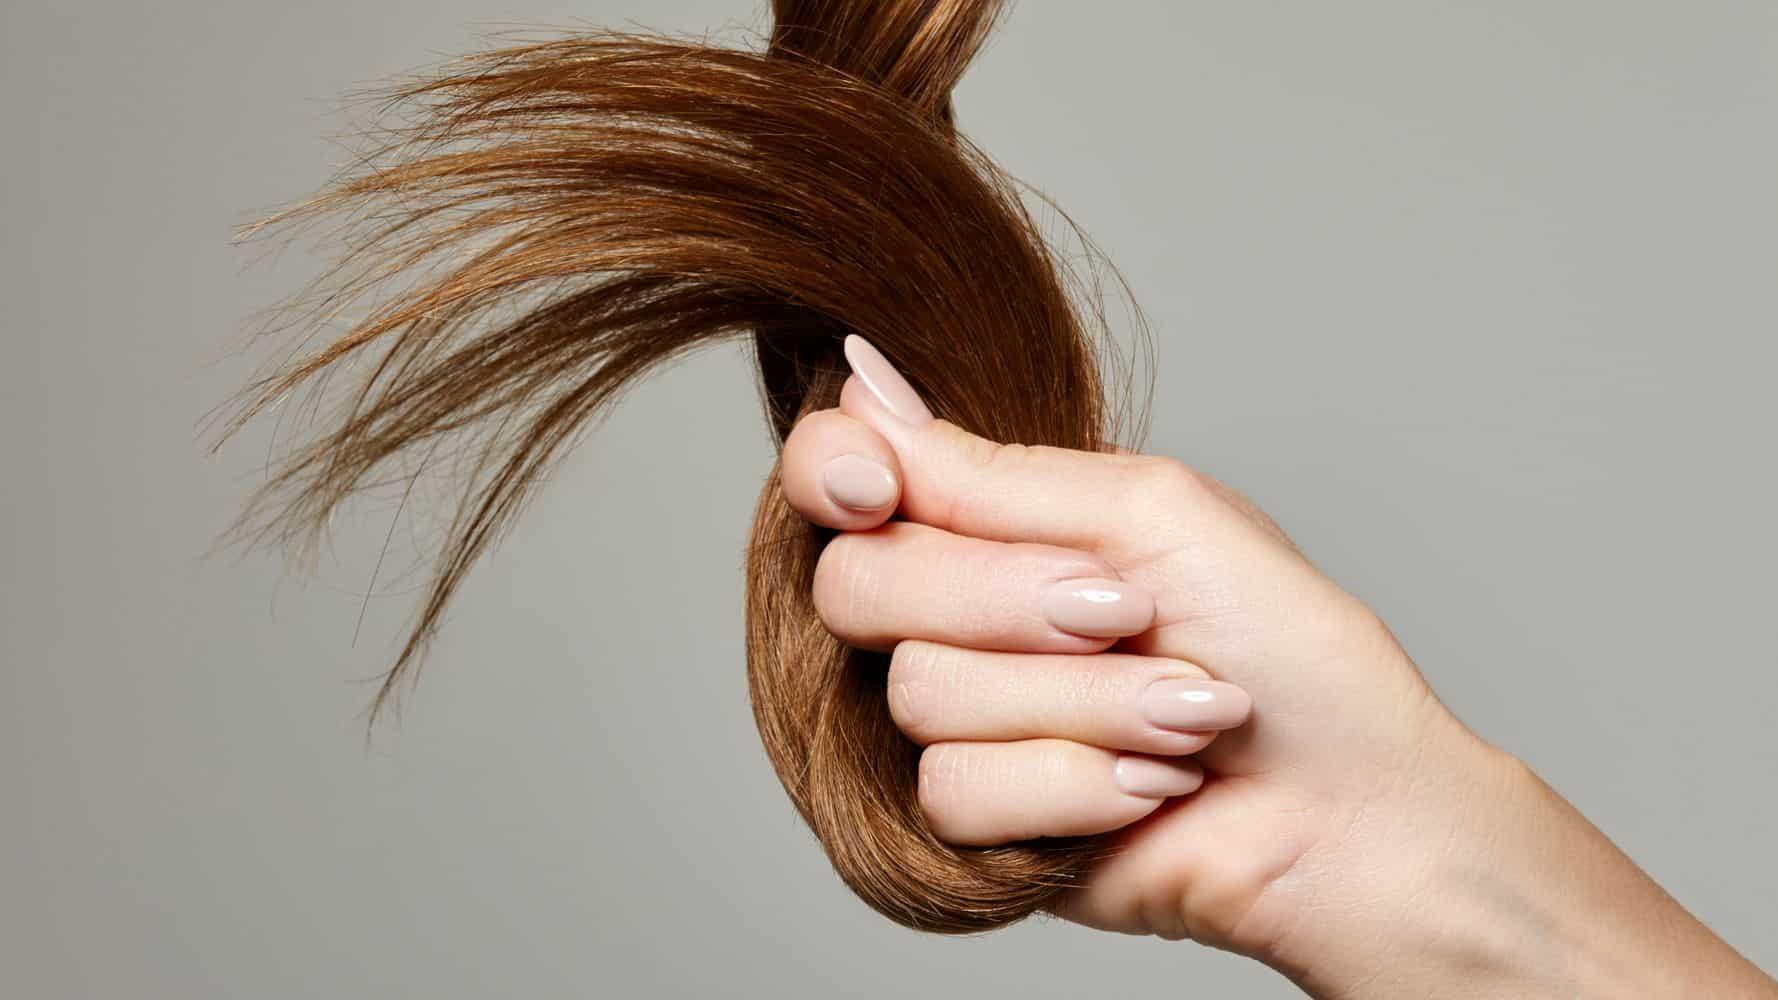 Αποκτήστε μακριά και υγιή μαλλιά και νύχια.